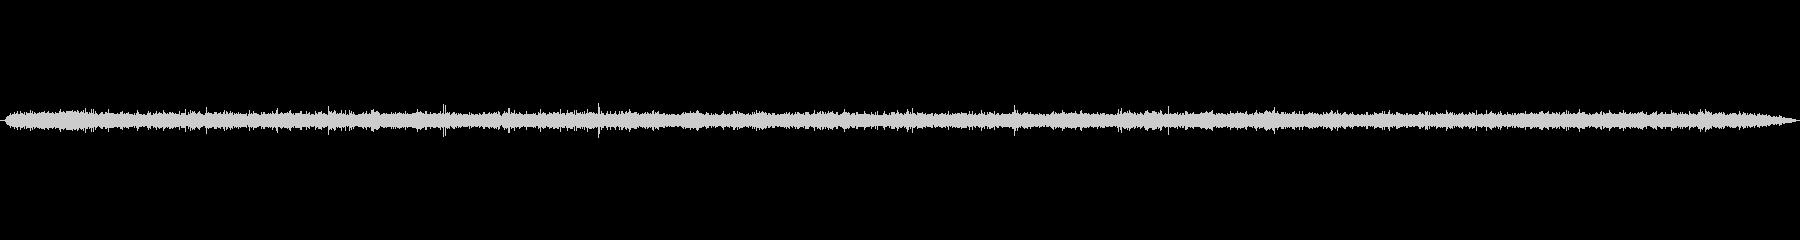 自然 ストリームバブルデンス03の未再生の波形